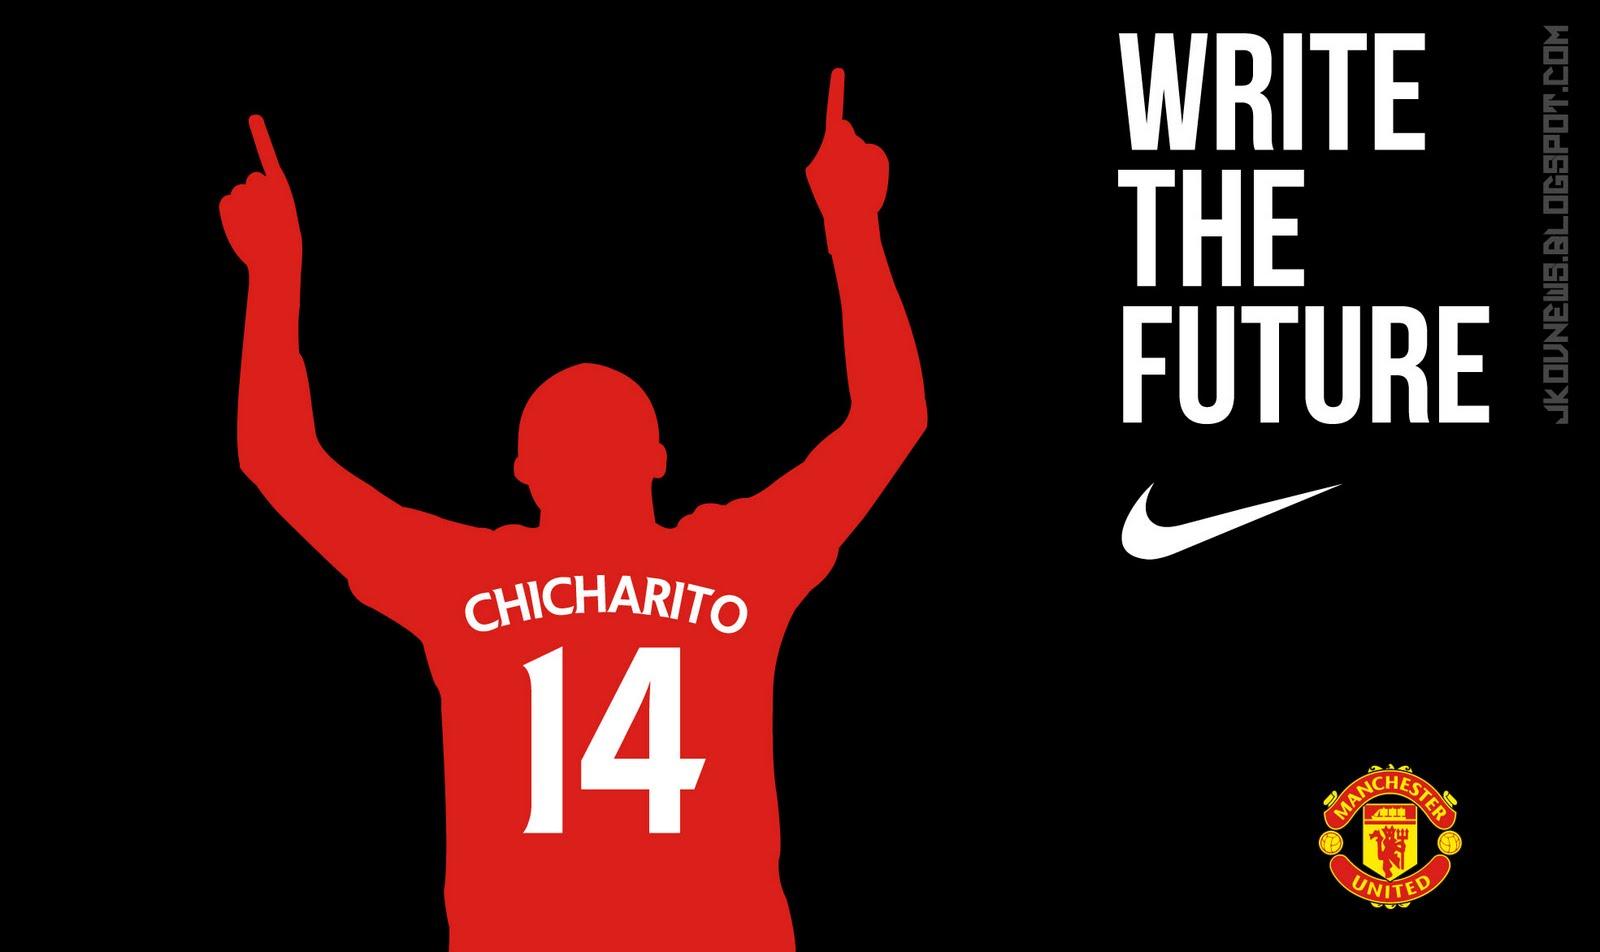 http://1.bp.blogspot.com/-8GizUXc6xQs/TeE--s-yPFI/AAAAAAAAFac/Ta2tmYYxm1Q/s1600/chicharito.jpg